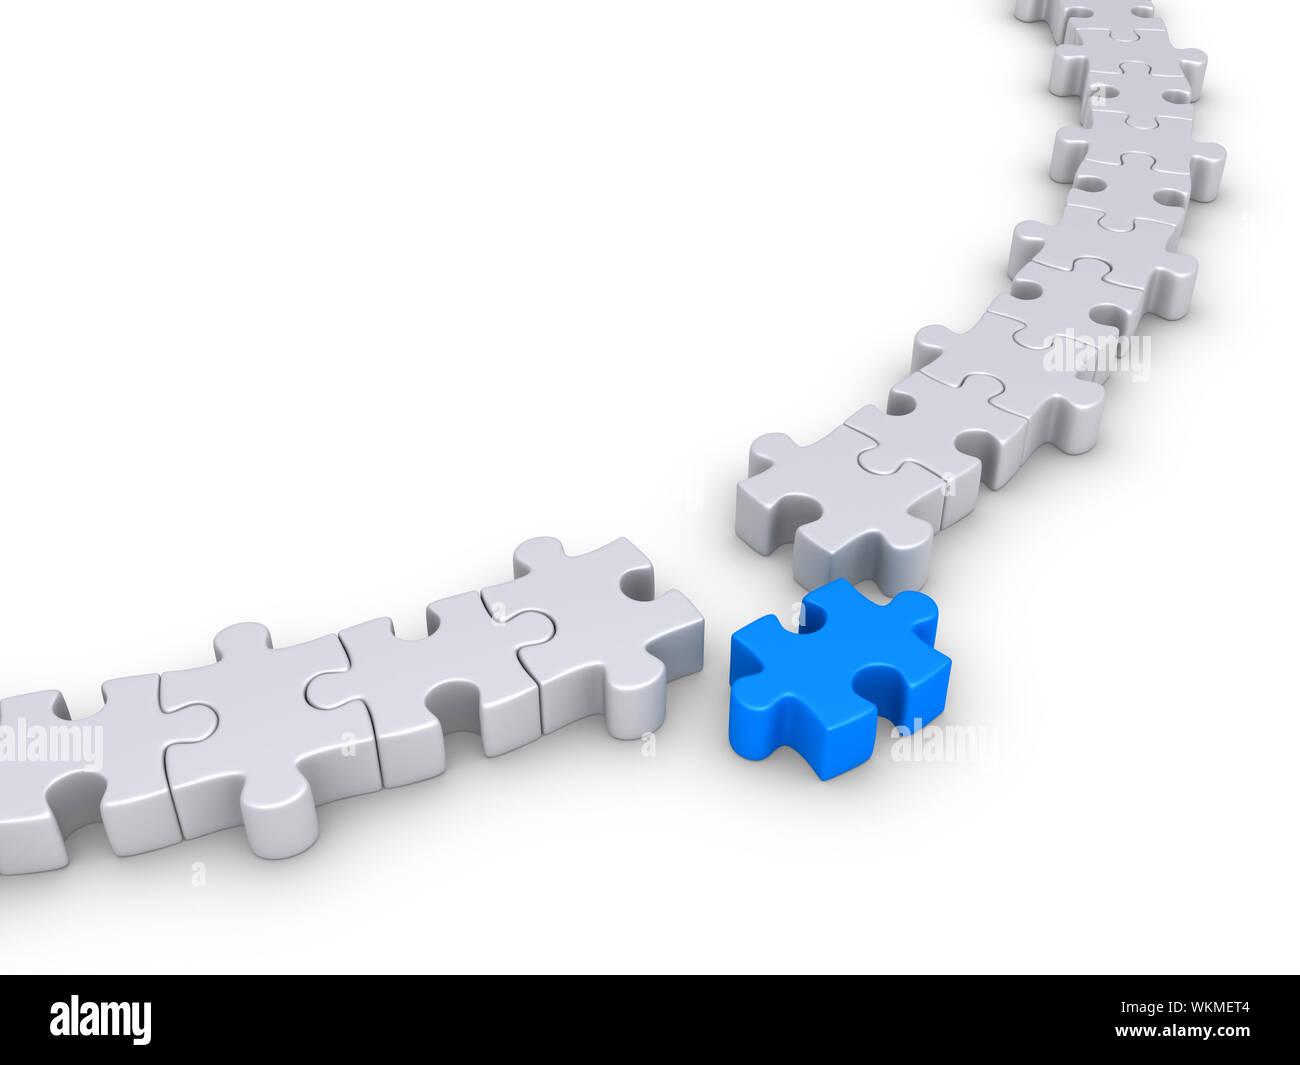 Las piezas del rompecabezas forman un círculo, pero uno es diferente Foto de stock